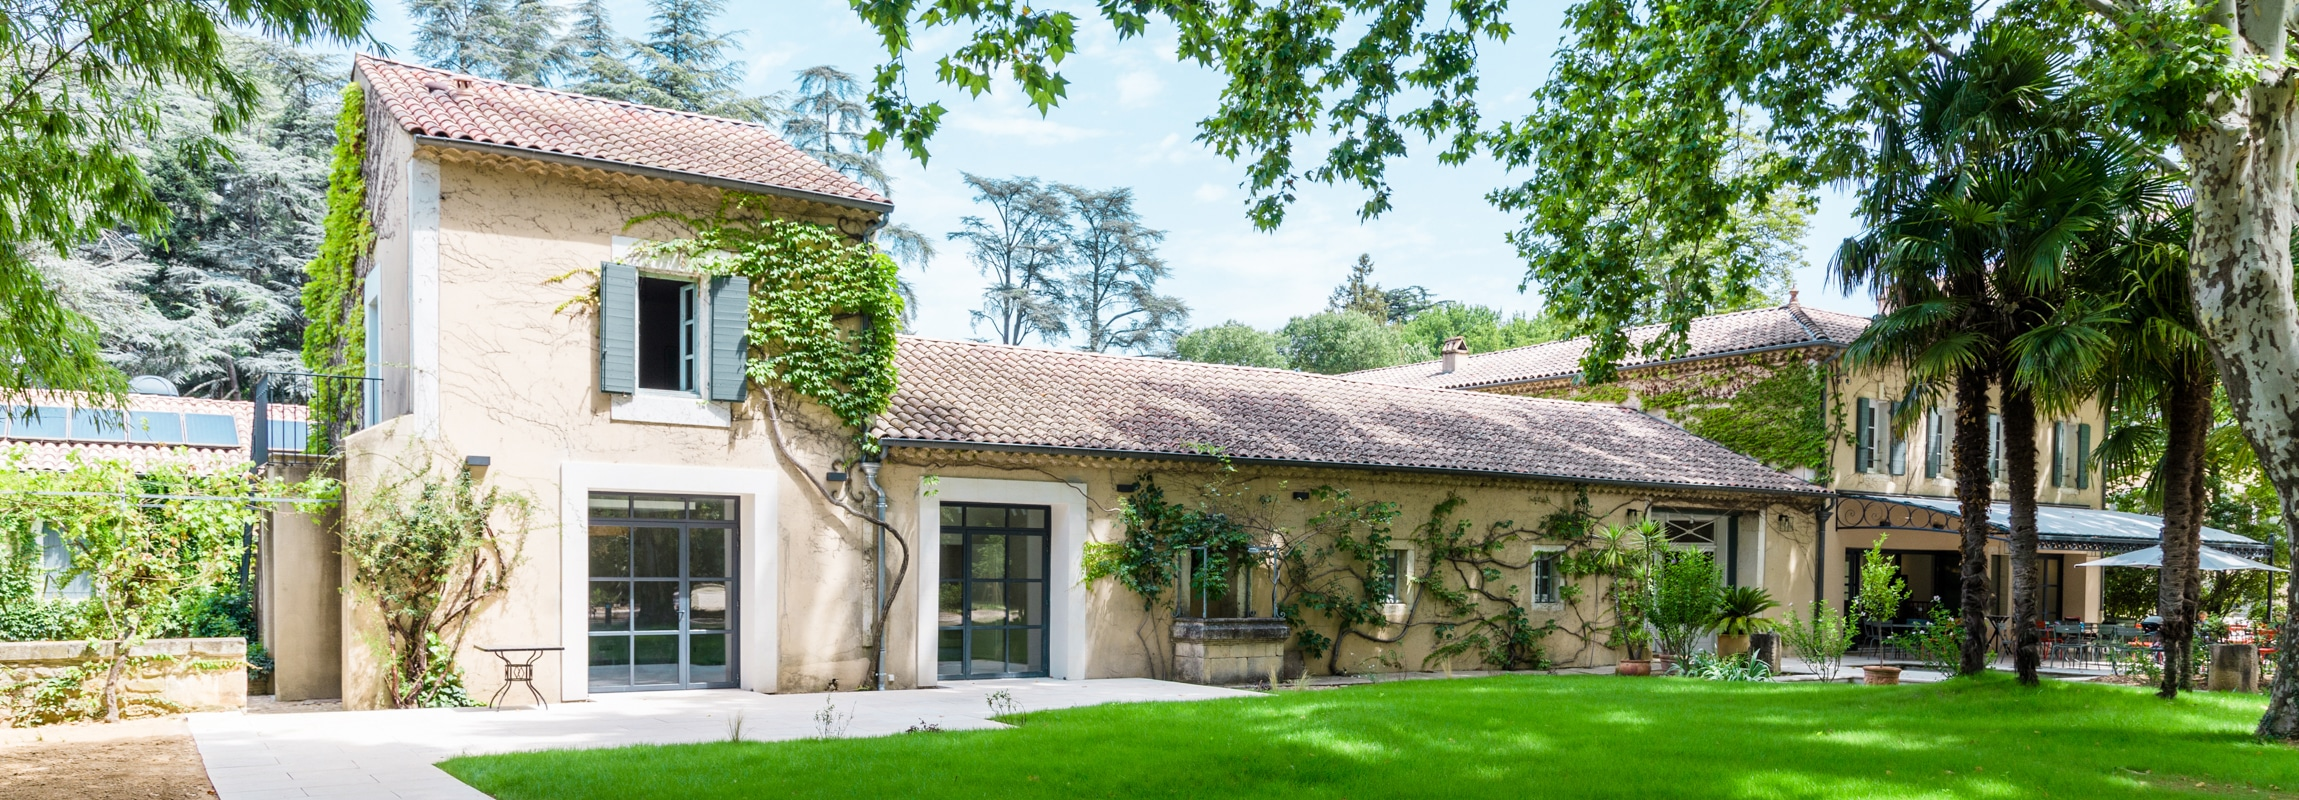 Evénements au Château de Montcaud